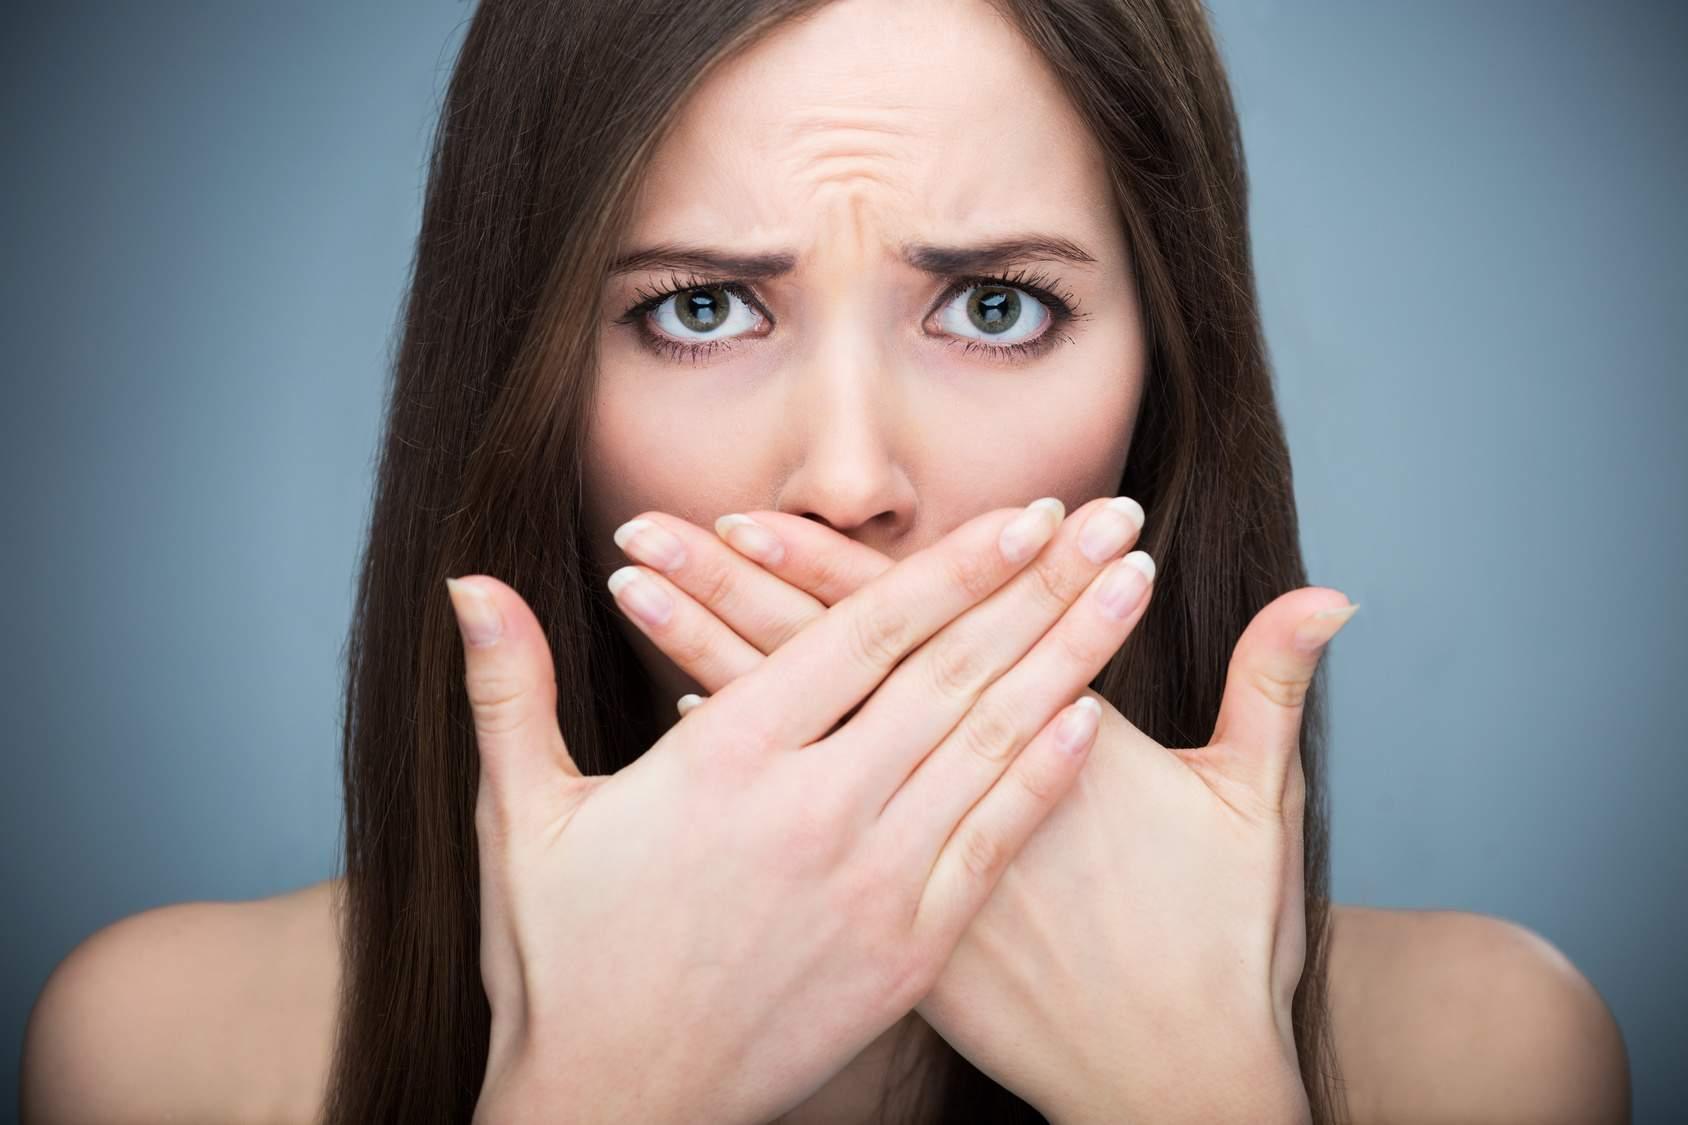 причины запаха изо рта у взрослых видео